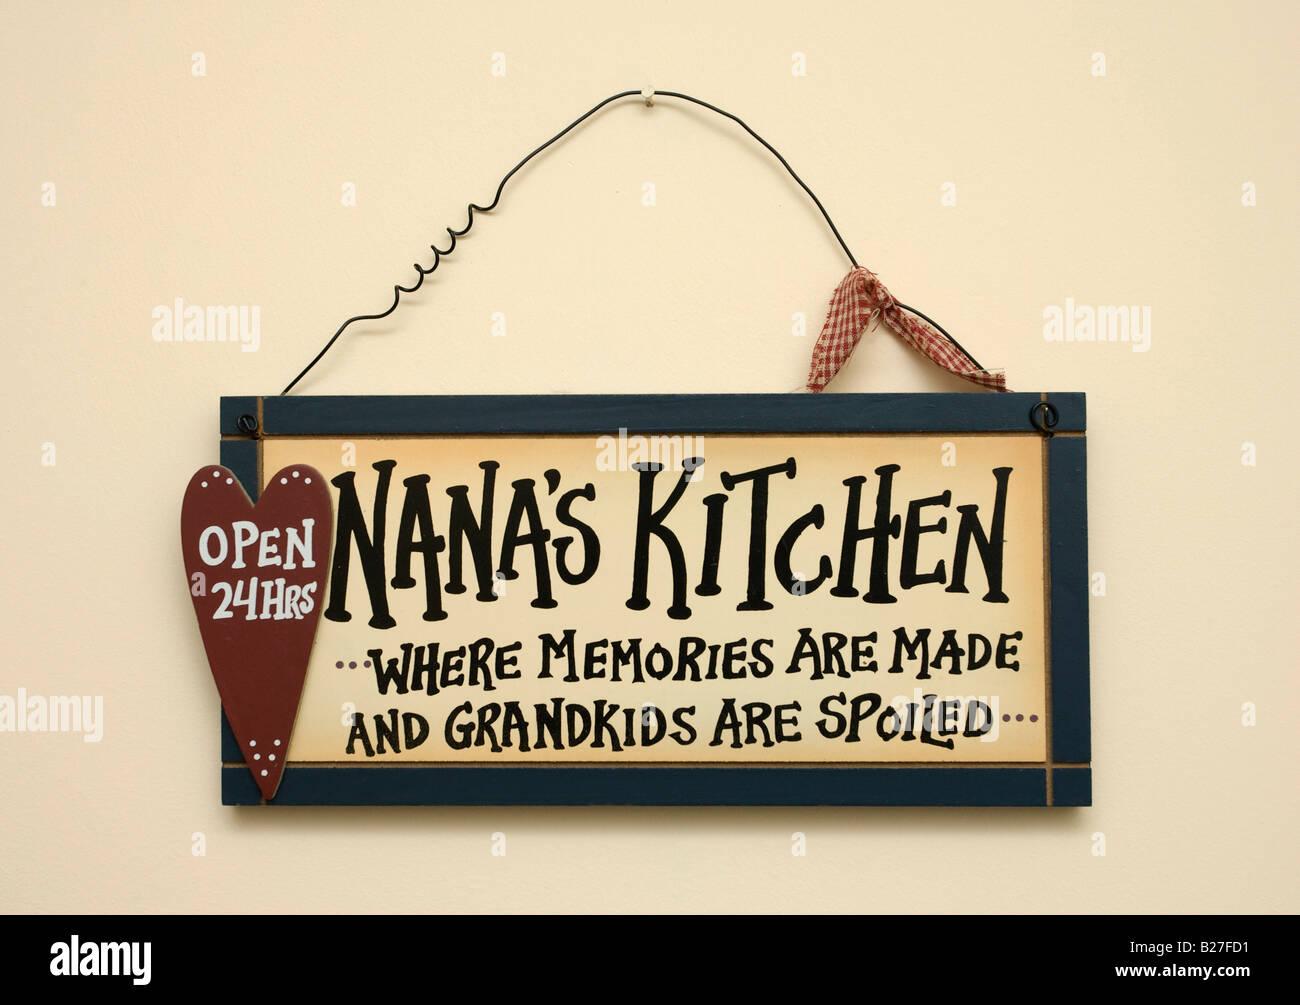 kitchen sign reading \'Nanas Kitchen\' Stock Photo, Royalty Free ...